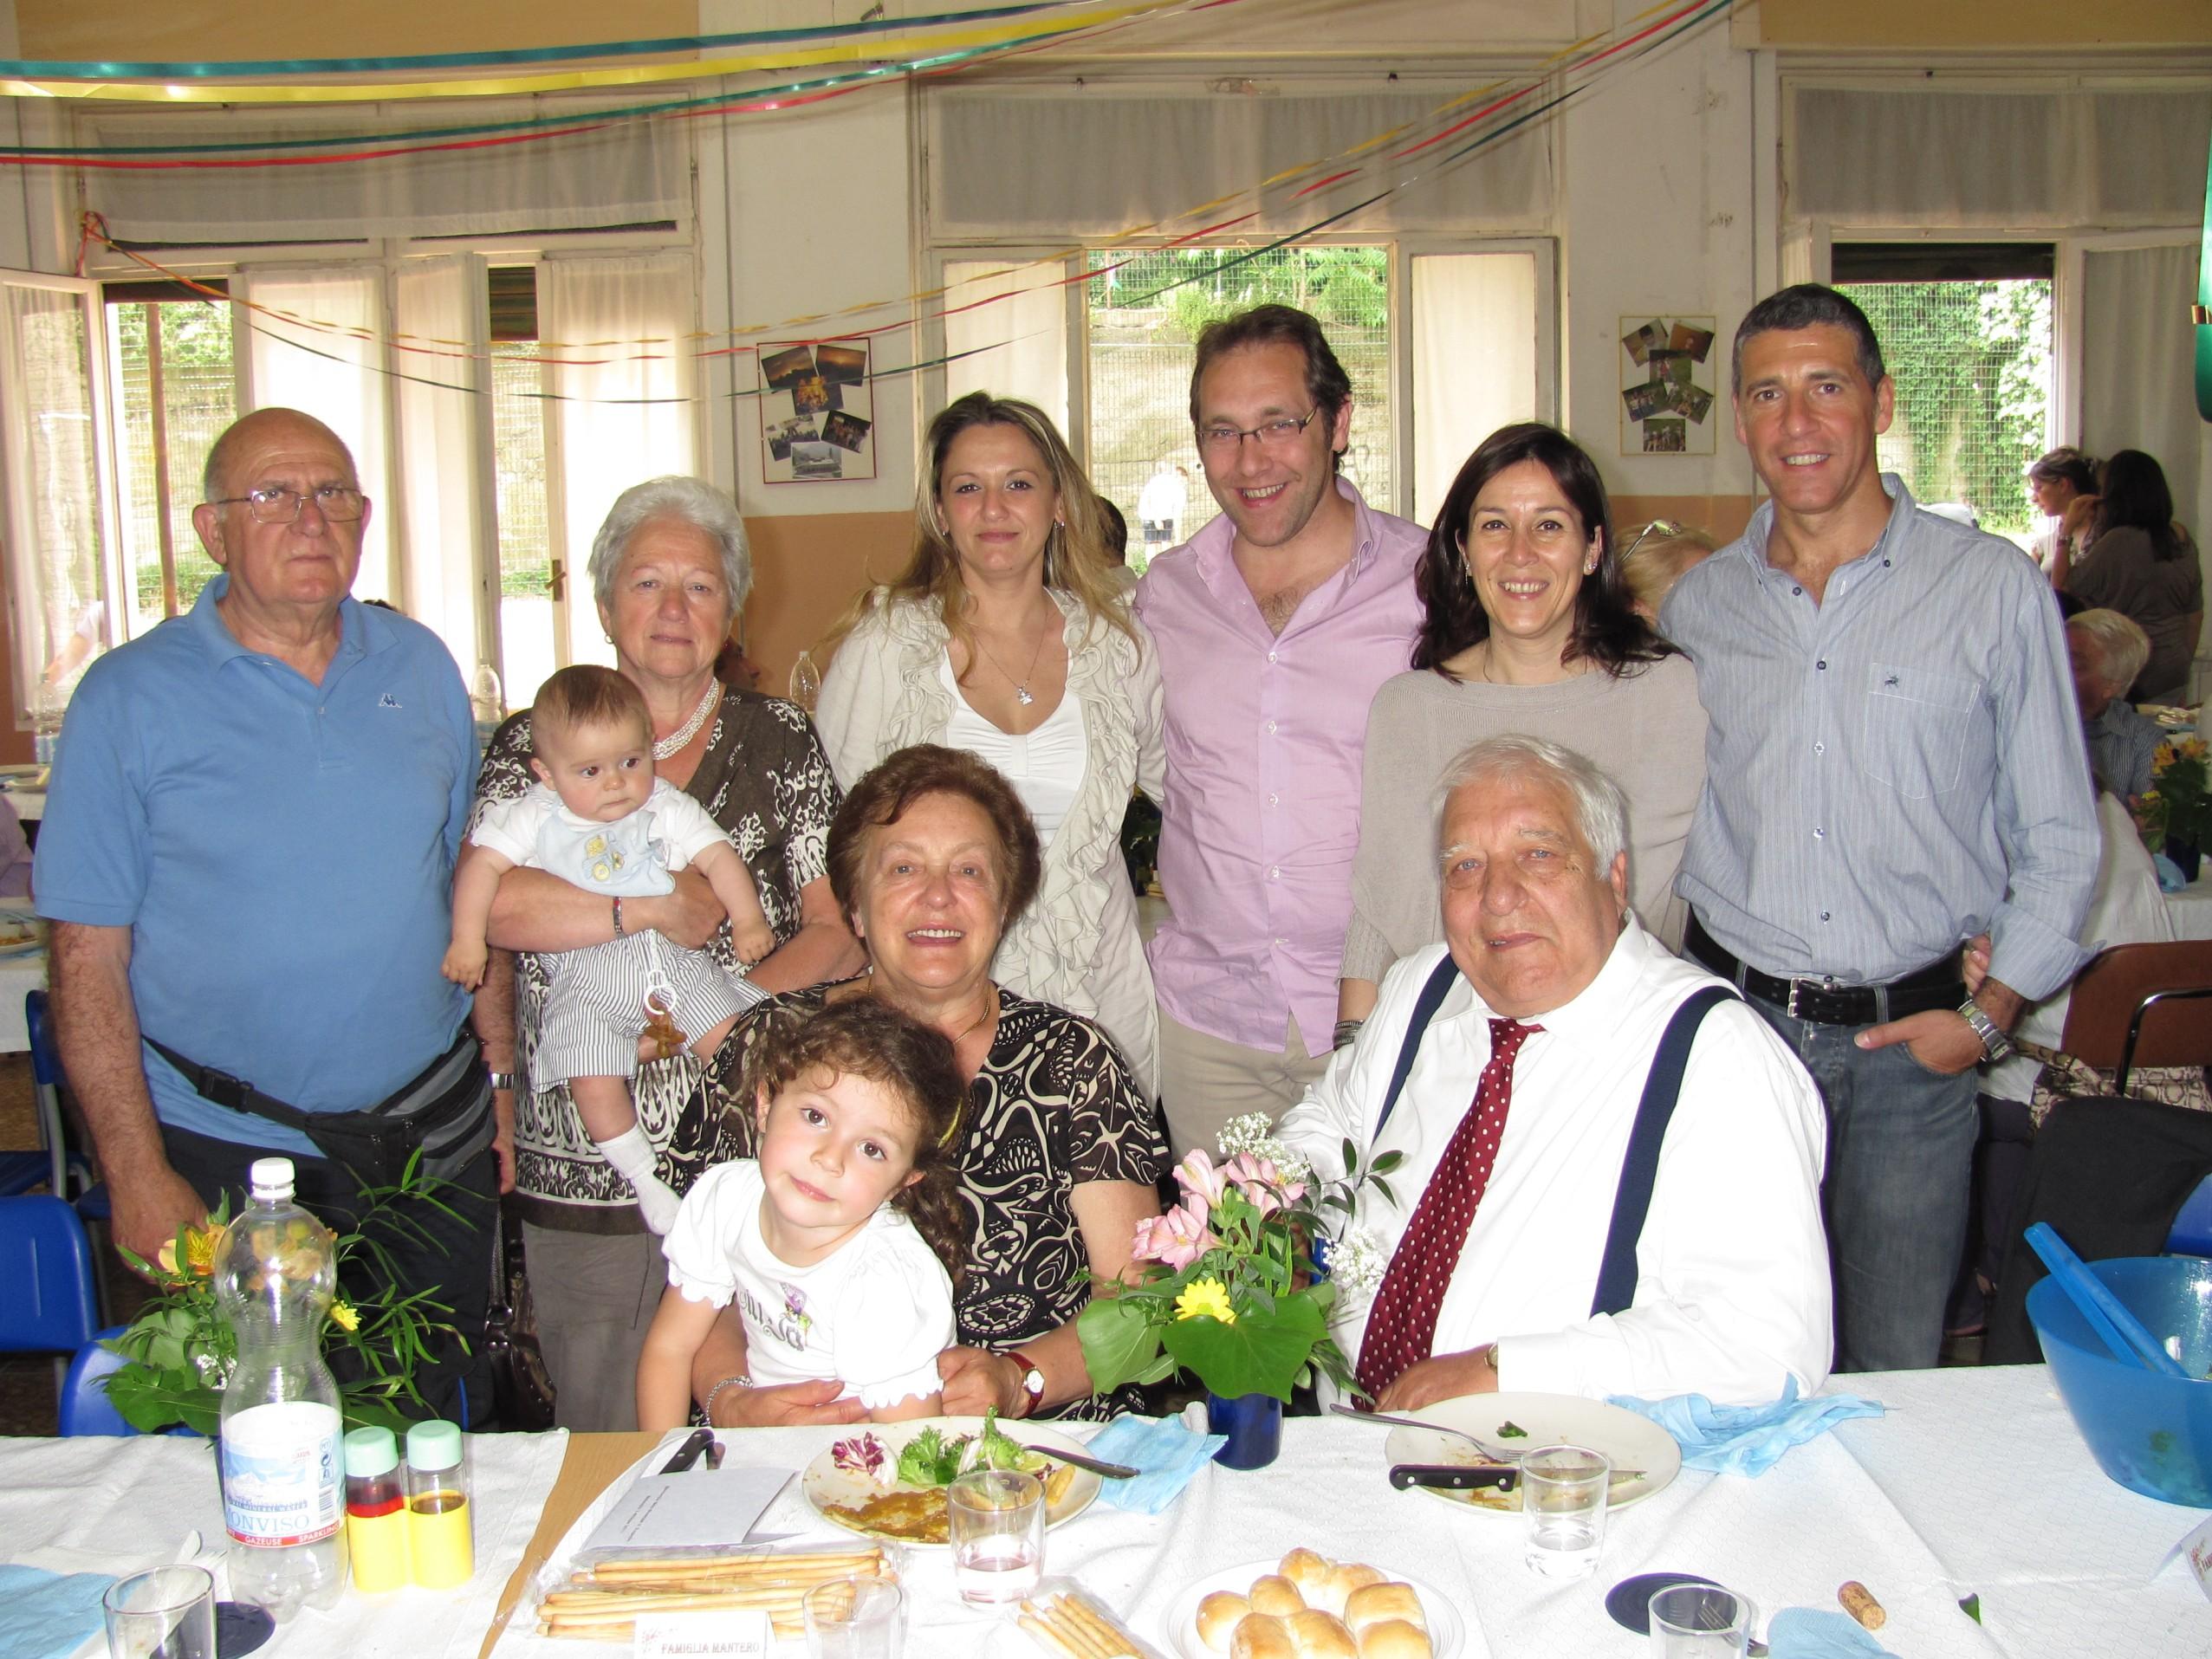 anniversari_matrimonio-2011-06-05-14-12-45